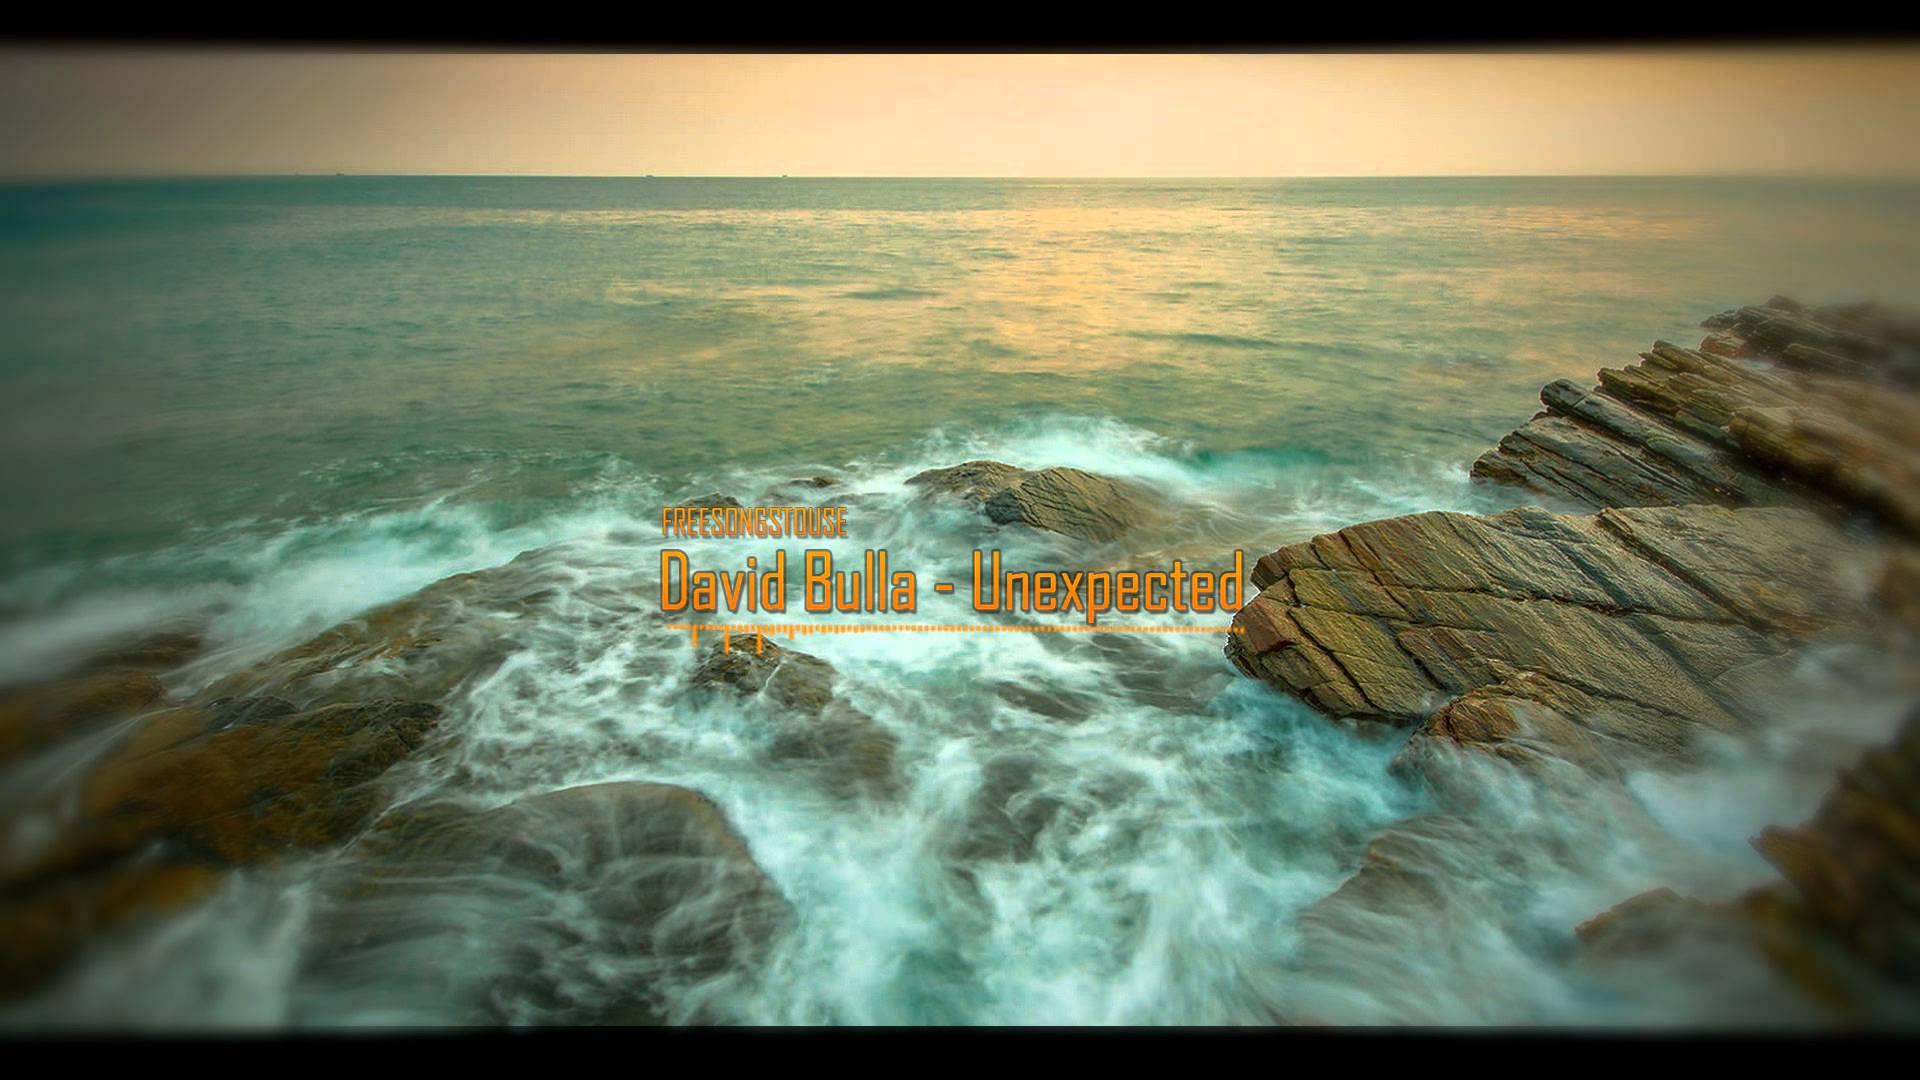 David Bulla - Unexpected